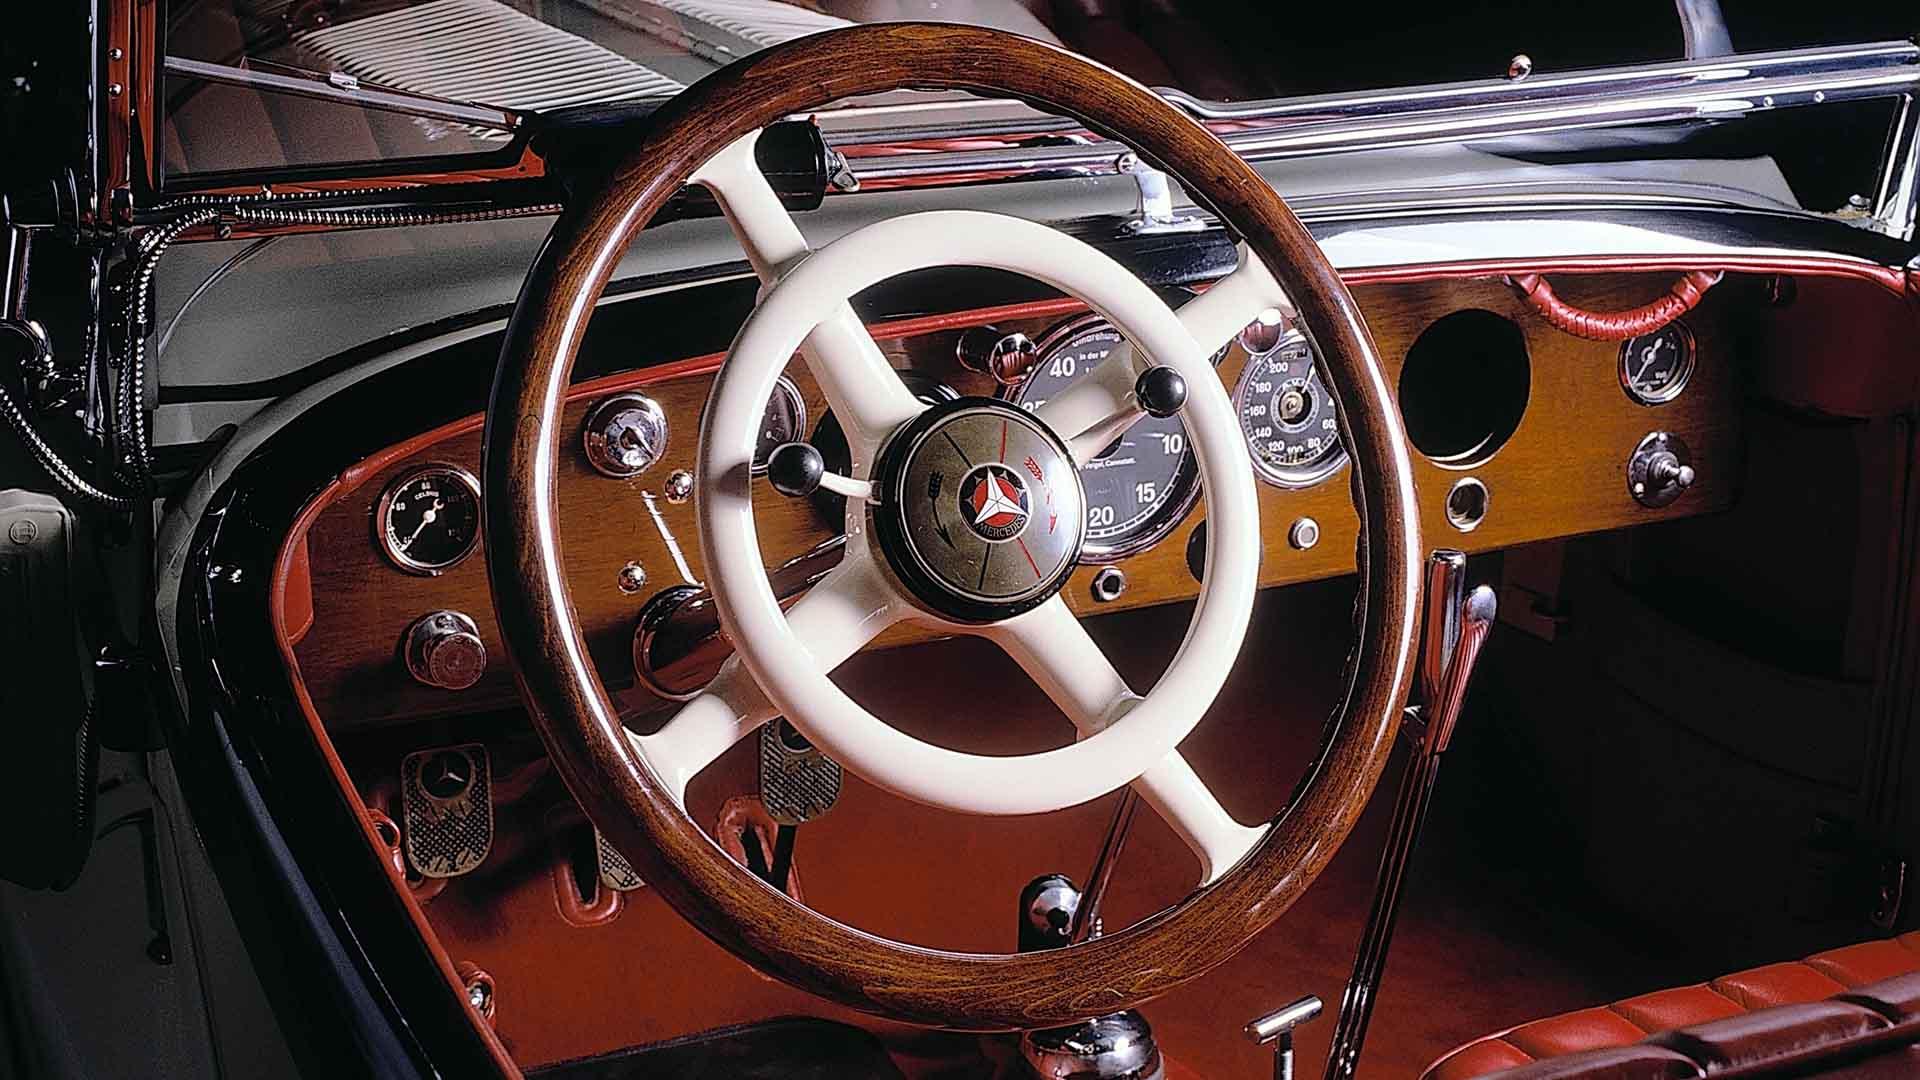 Mercedes-Benz Type 680 Model S